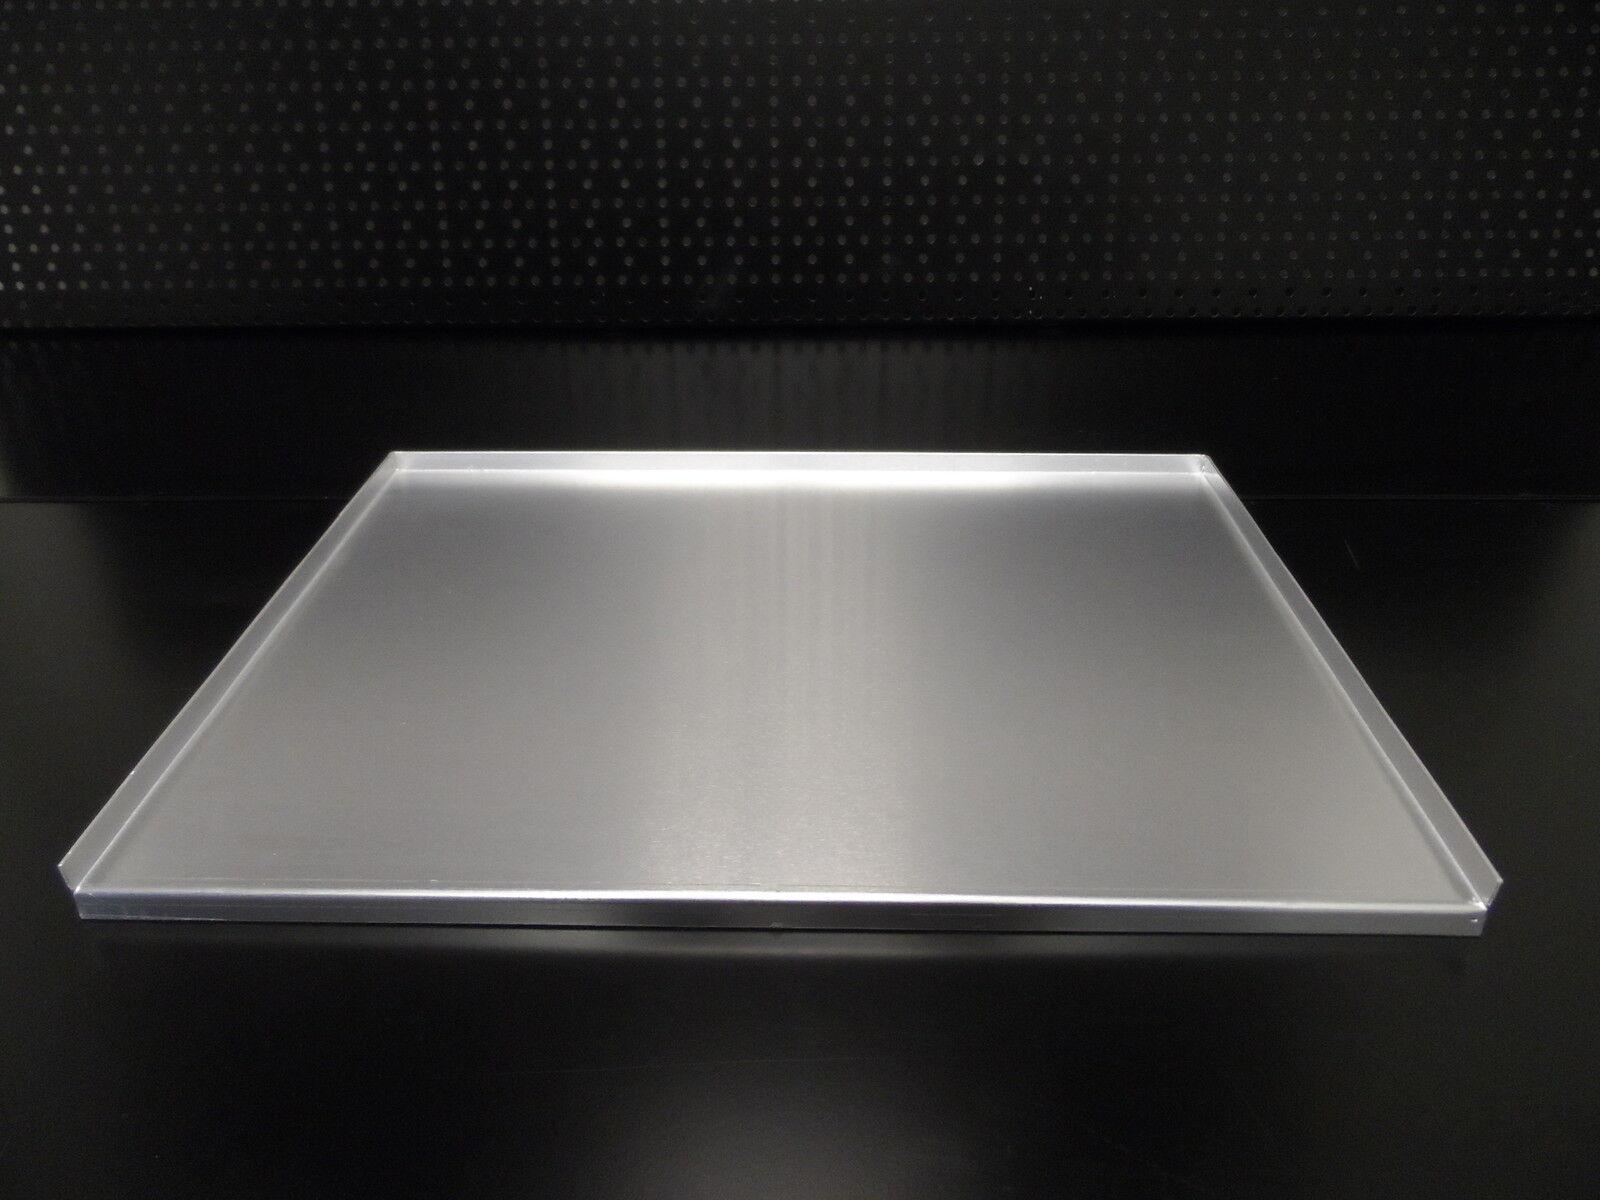 10 PLACAS DE MOSTRADOR 40x30x1cm chapa aluminio NUEVO EXPOSITORA GK